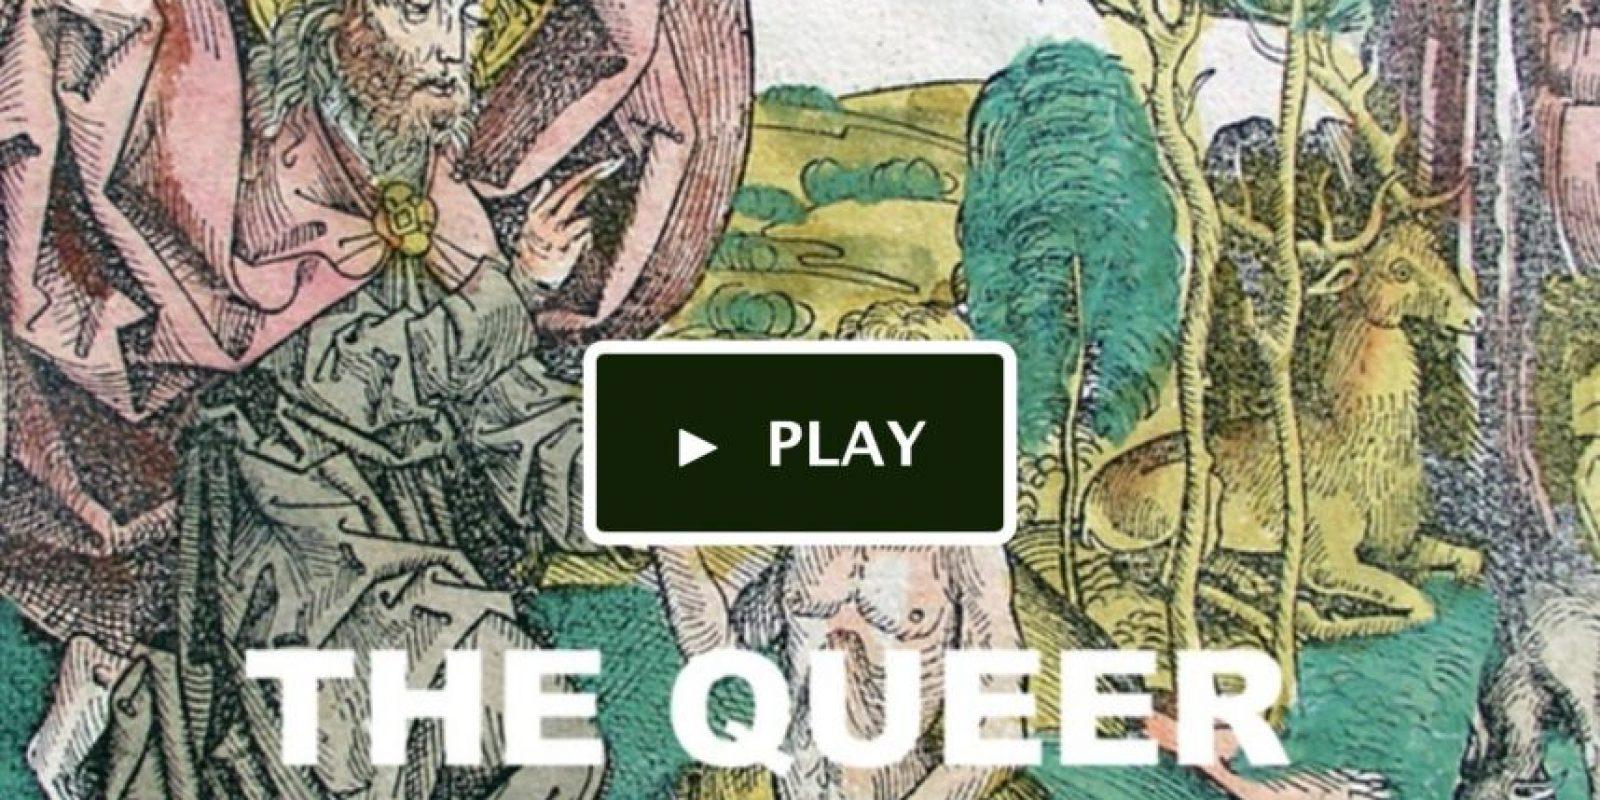 """La idea de """"La Biblia Queer"""" nació cuando, tras ser criado en una familia católica y descubrir su homosexualidad, se preguntó cómo podría alguien como él sentirse incluido en una sociedad donde se le condena por su orientación sexual. Foto:Vía kickstarter"""